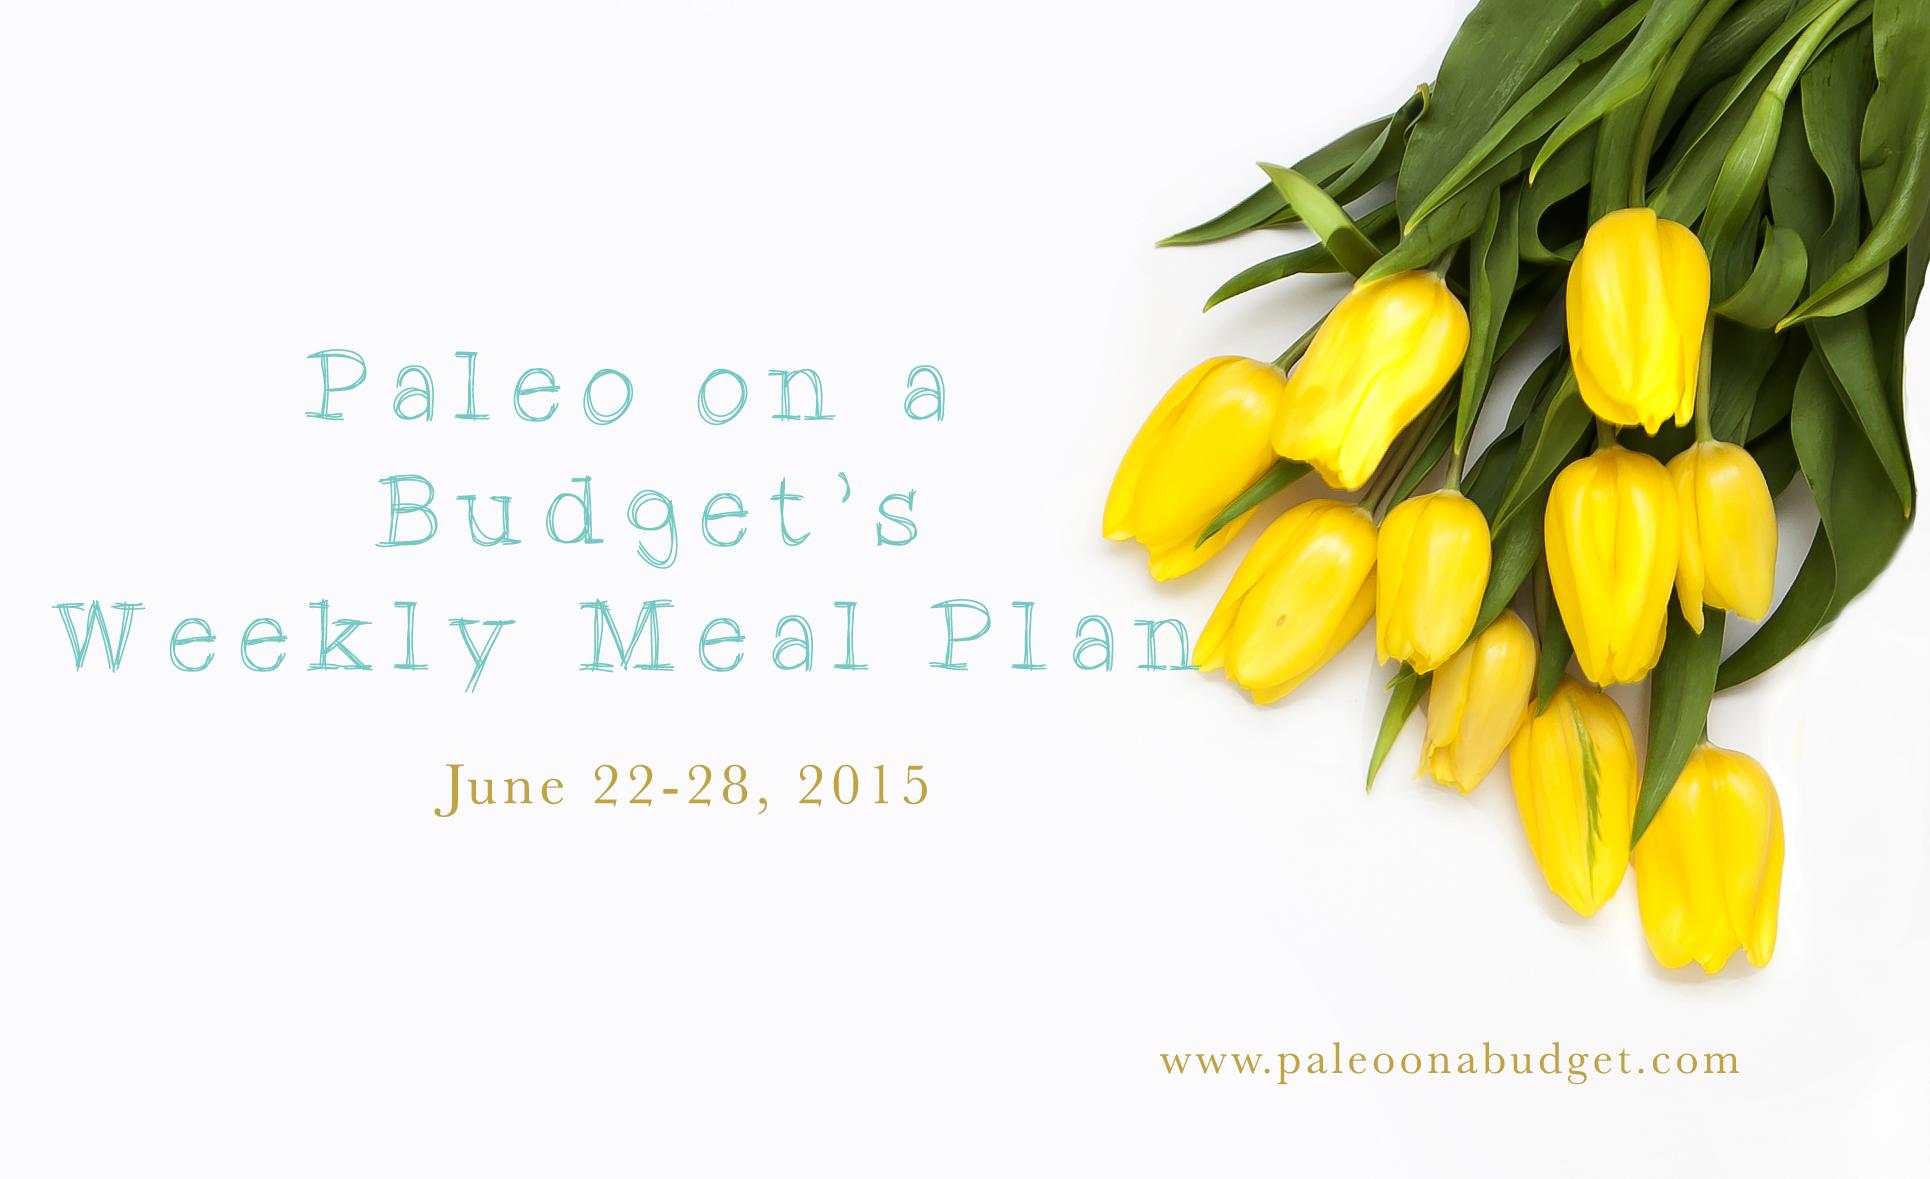 Paleo Meal Plan {Week of June 22, 2015}